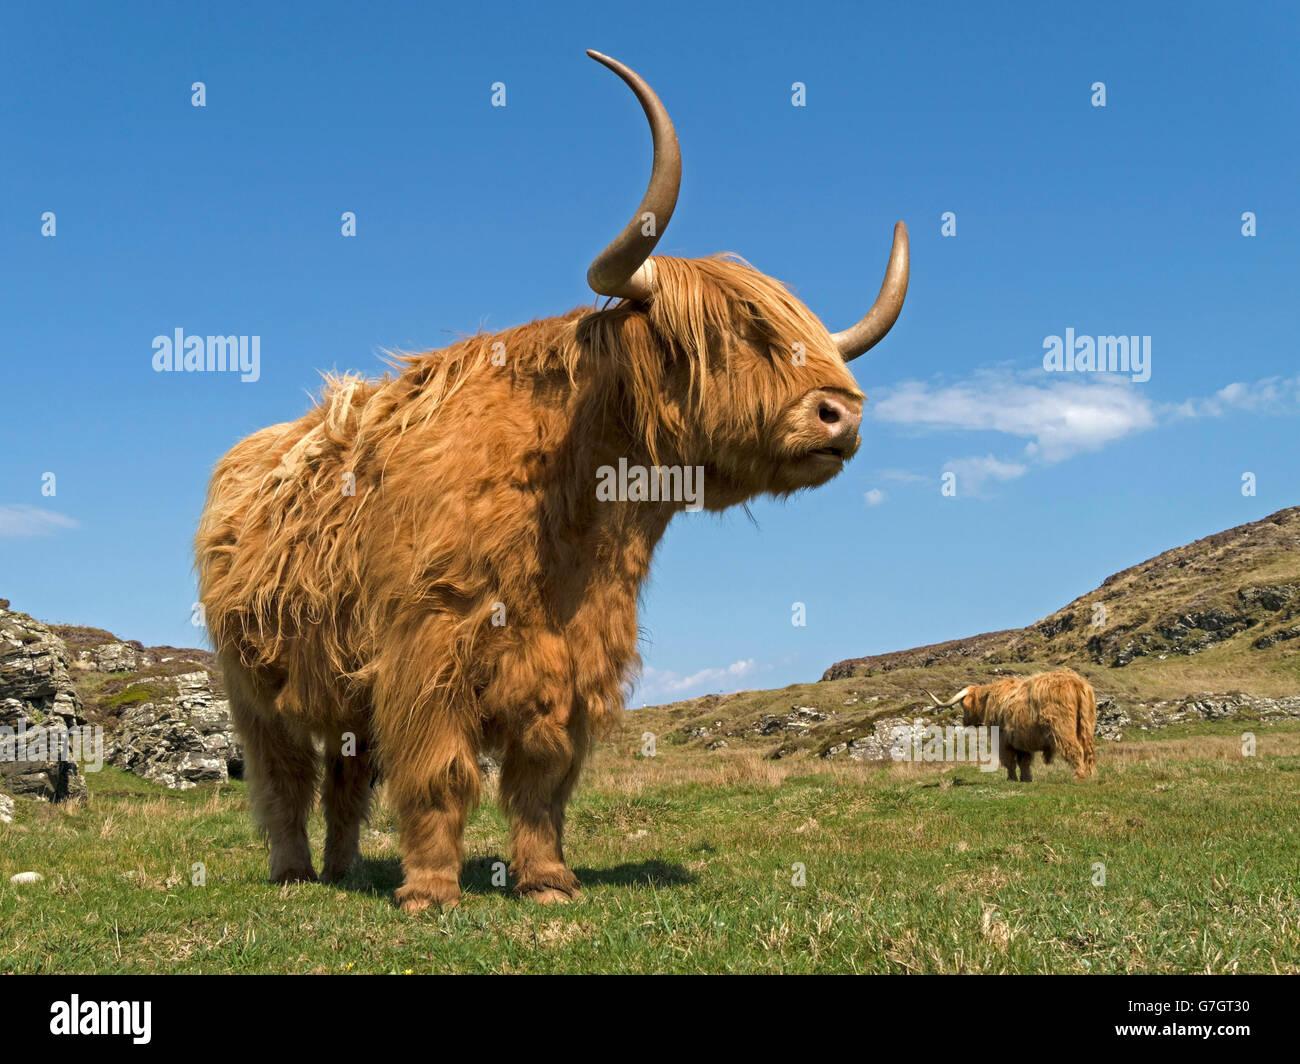 Scottish Highland cow, Isle of Colonsay, Scotland, UK. - Stock Image